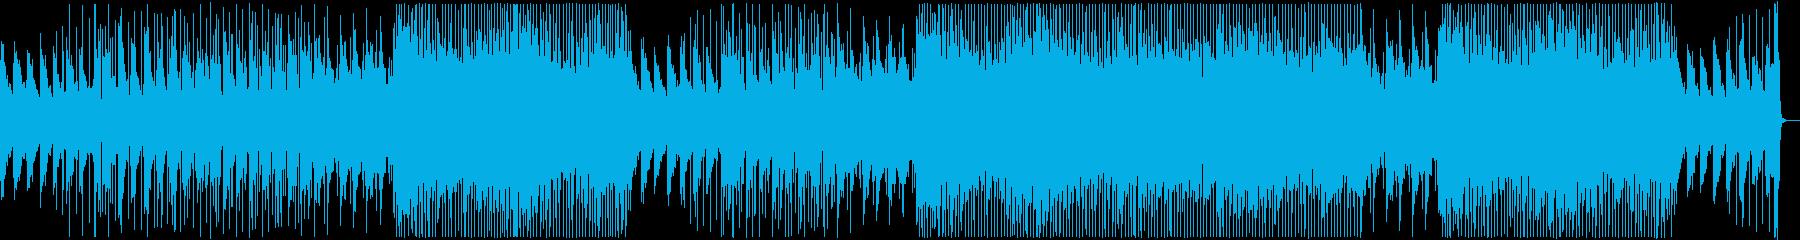 Gentle pop acoustic guitar's reproduced waveform